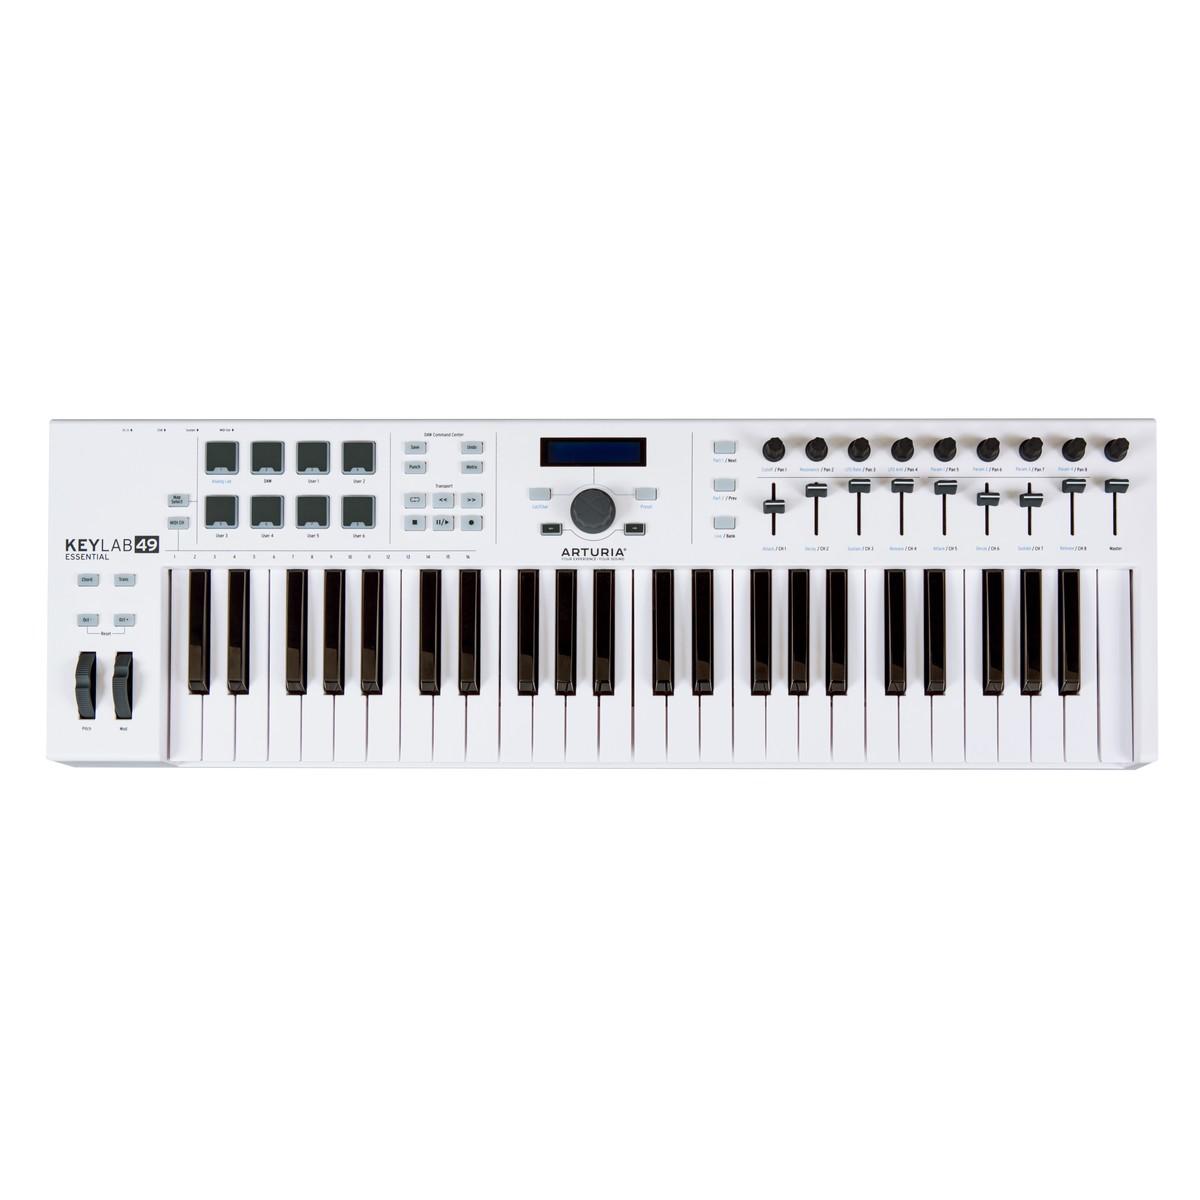 Arturia KeyLab Essential 49 MIDI Keyboard - B-Stock